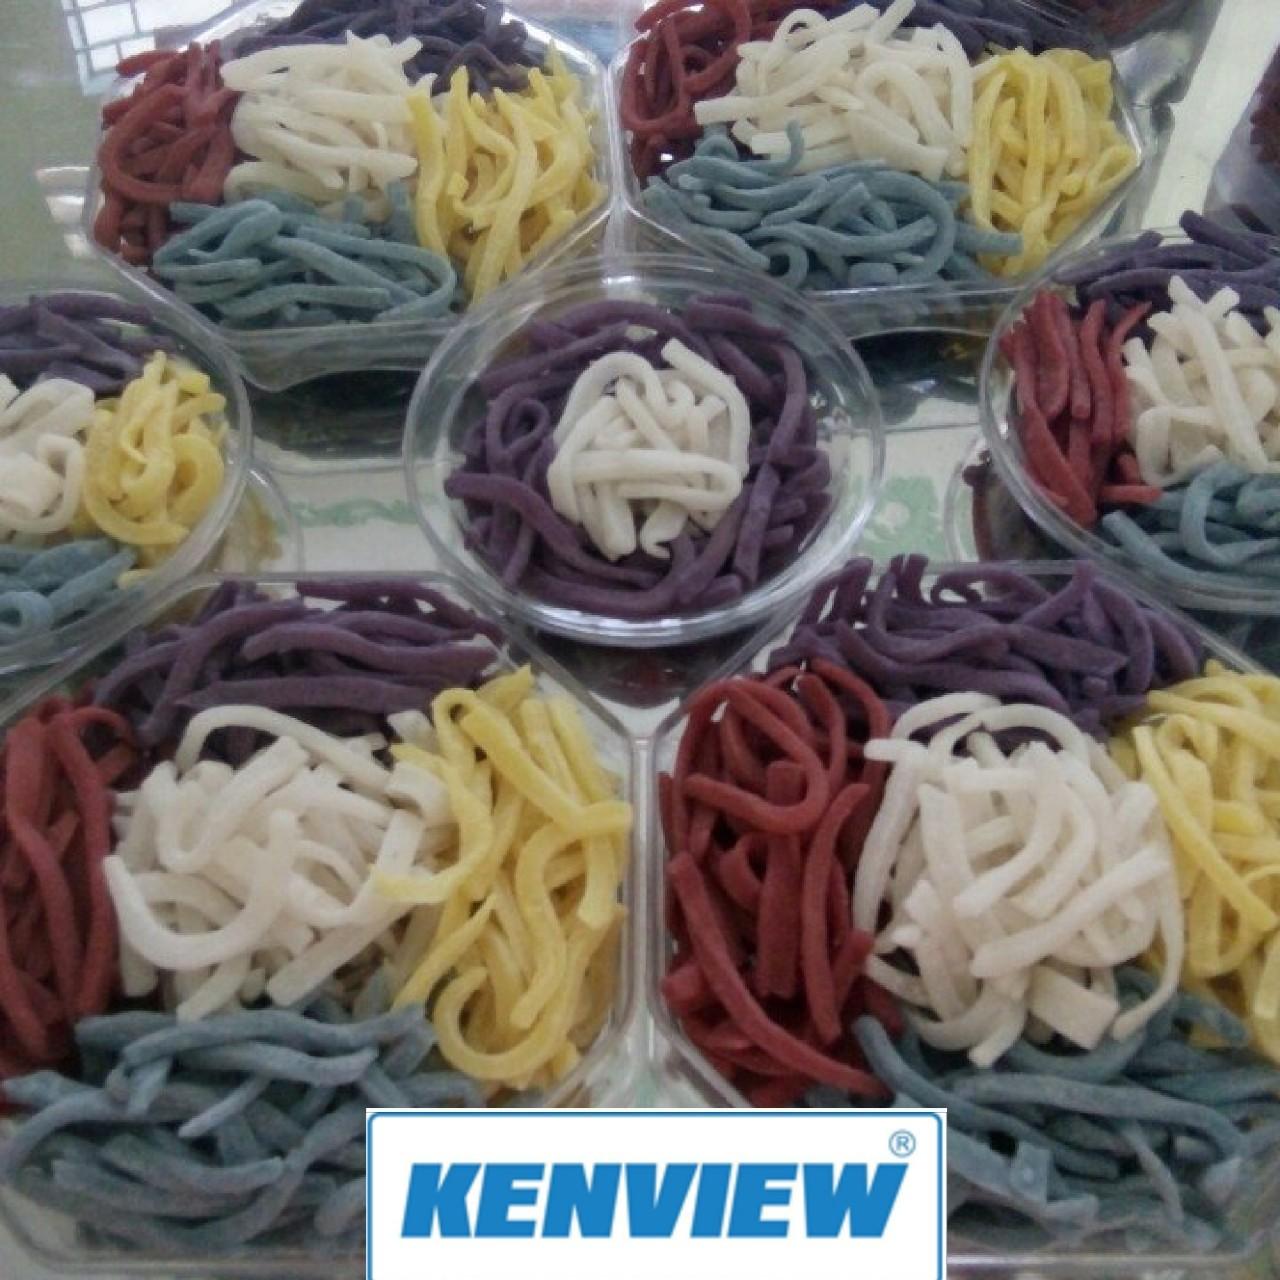 Cung cấp máy sấy dừa sấy dẻo - Máy sấy thực phẩm kenview